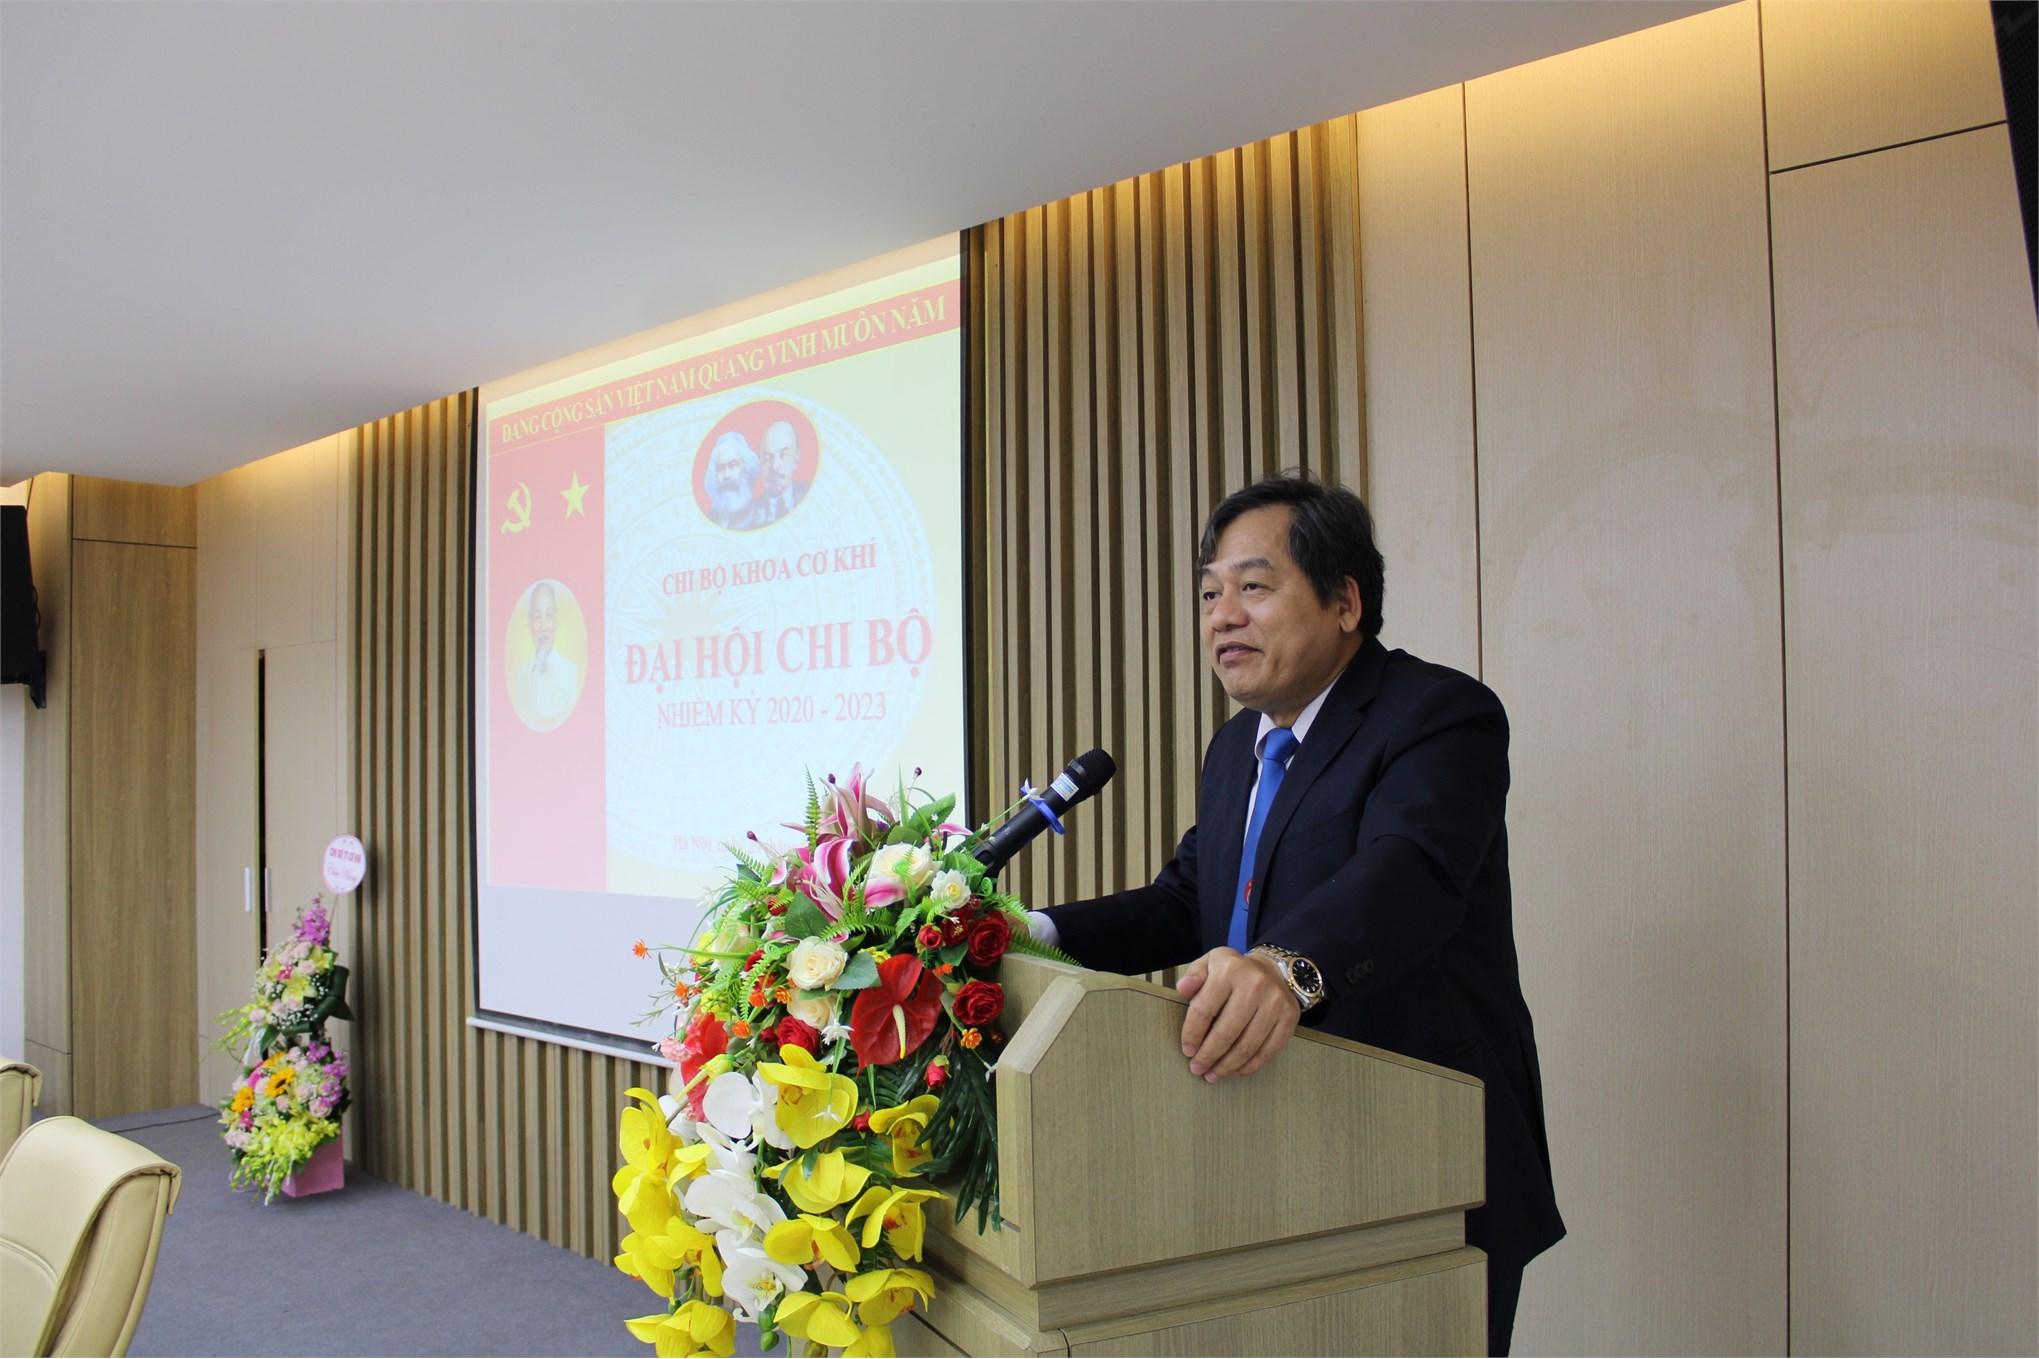 Đại hội điểm - Chi bộ khoa Cơ khí nhiệm kỳ 2020-2025 Đảng bộ trường Đại học Công Nghiệp Hà Nội